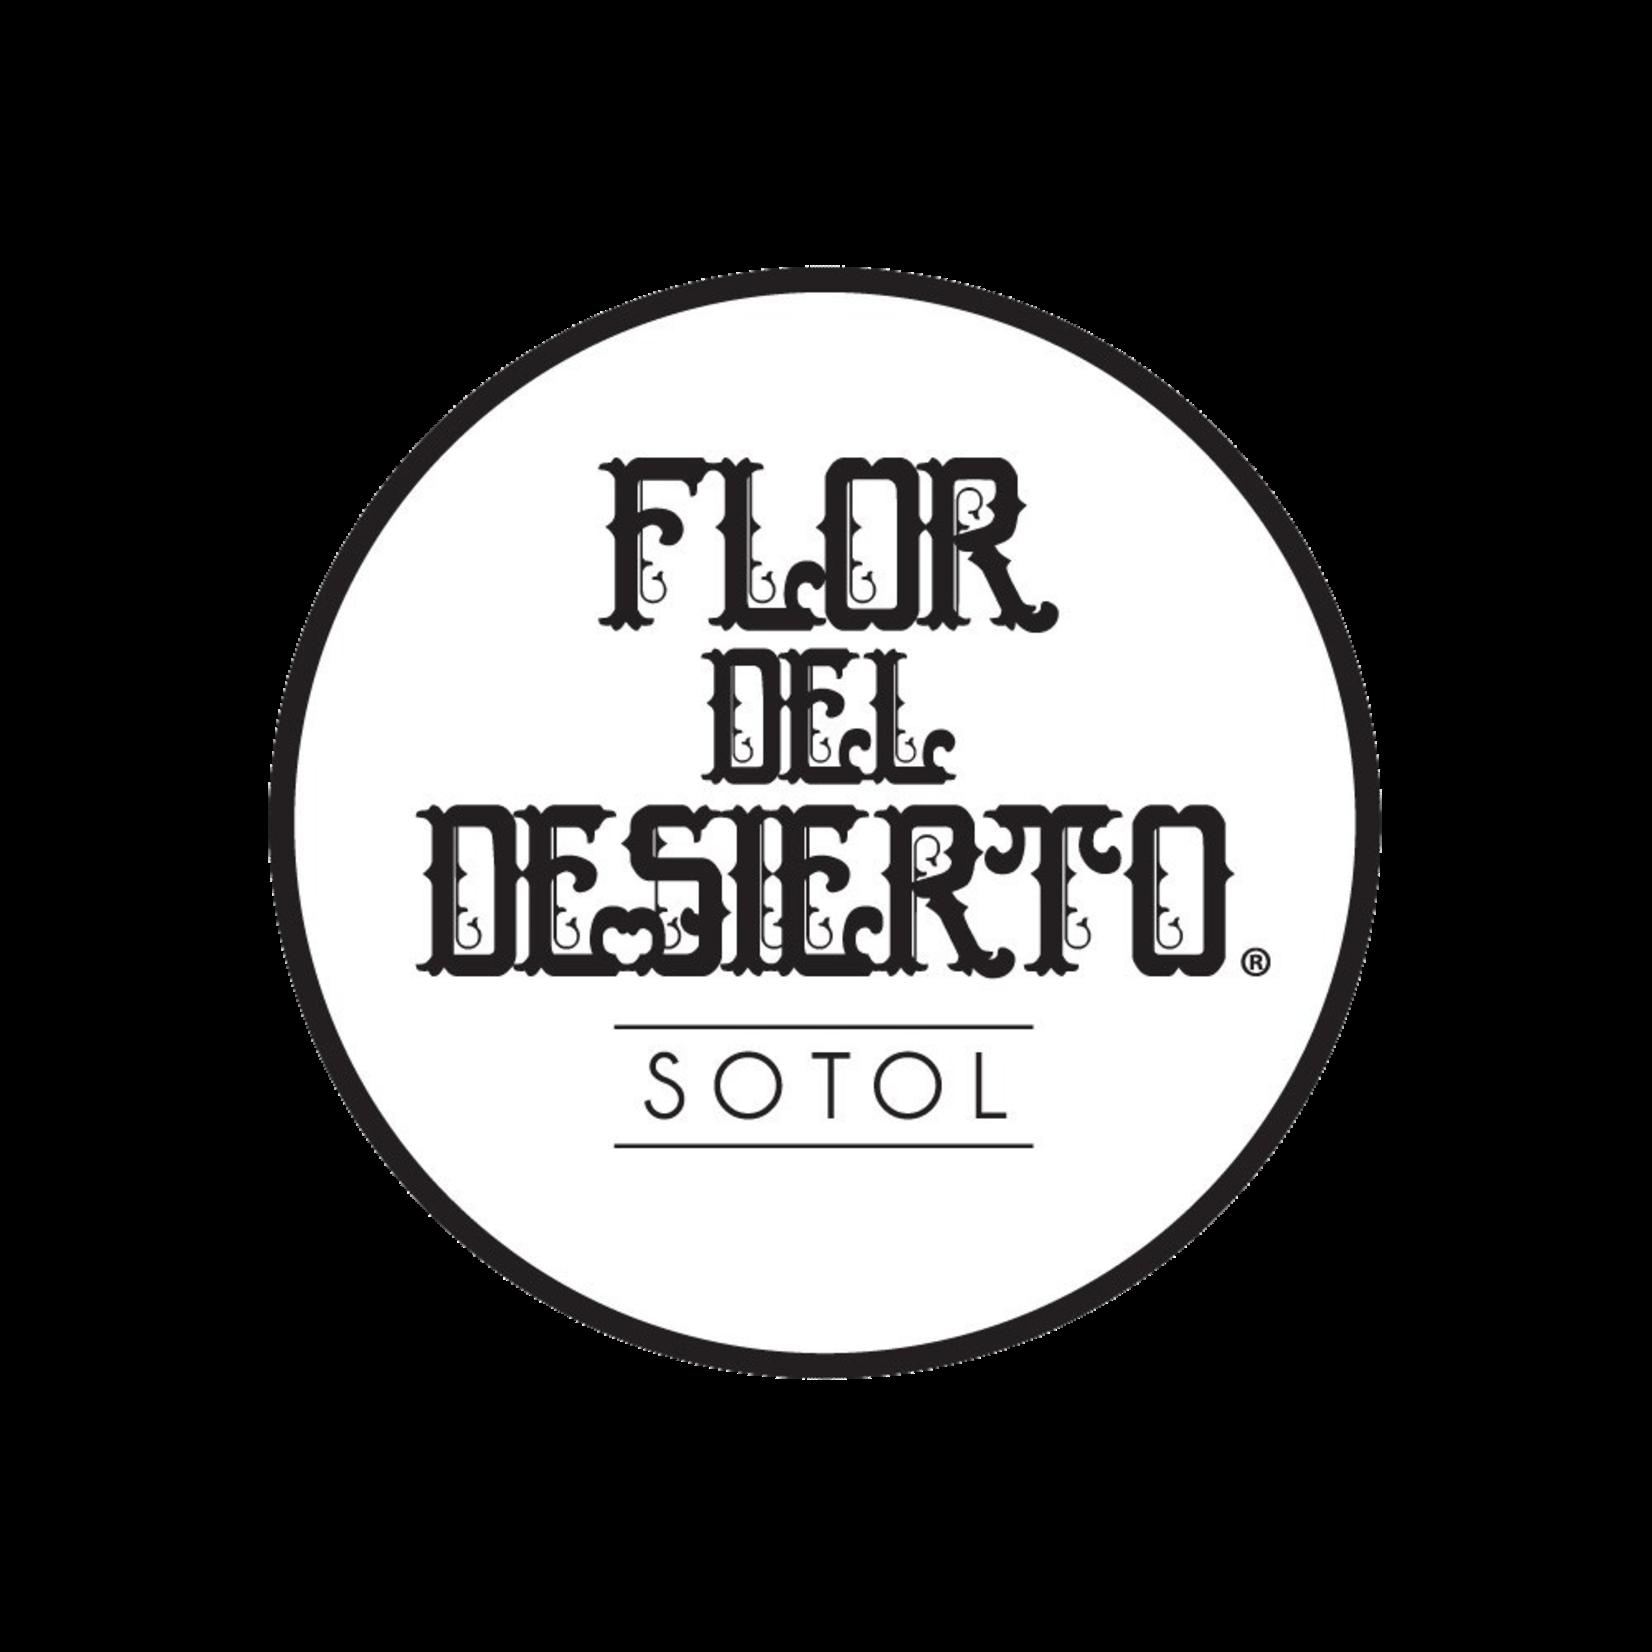 Flor del Desierto Sotol